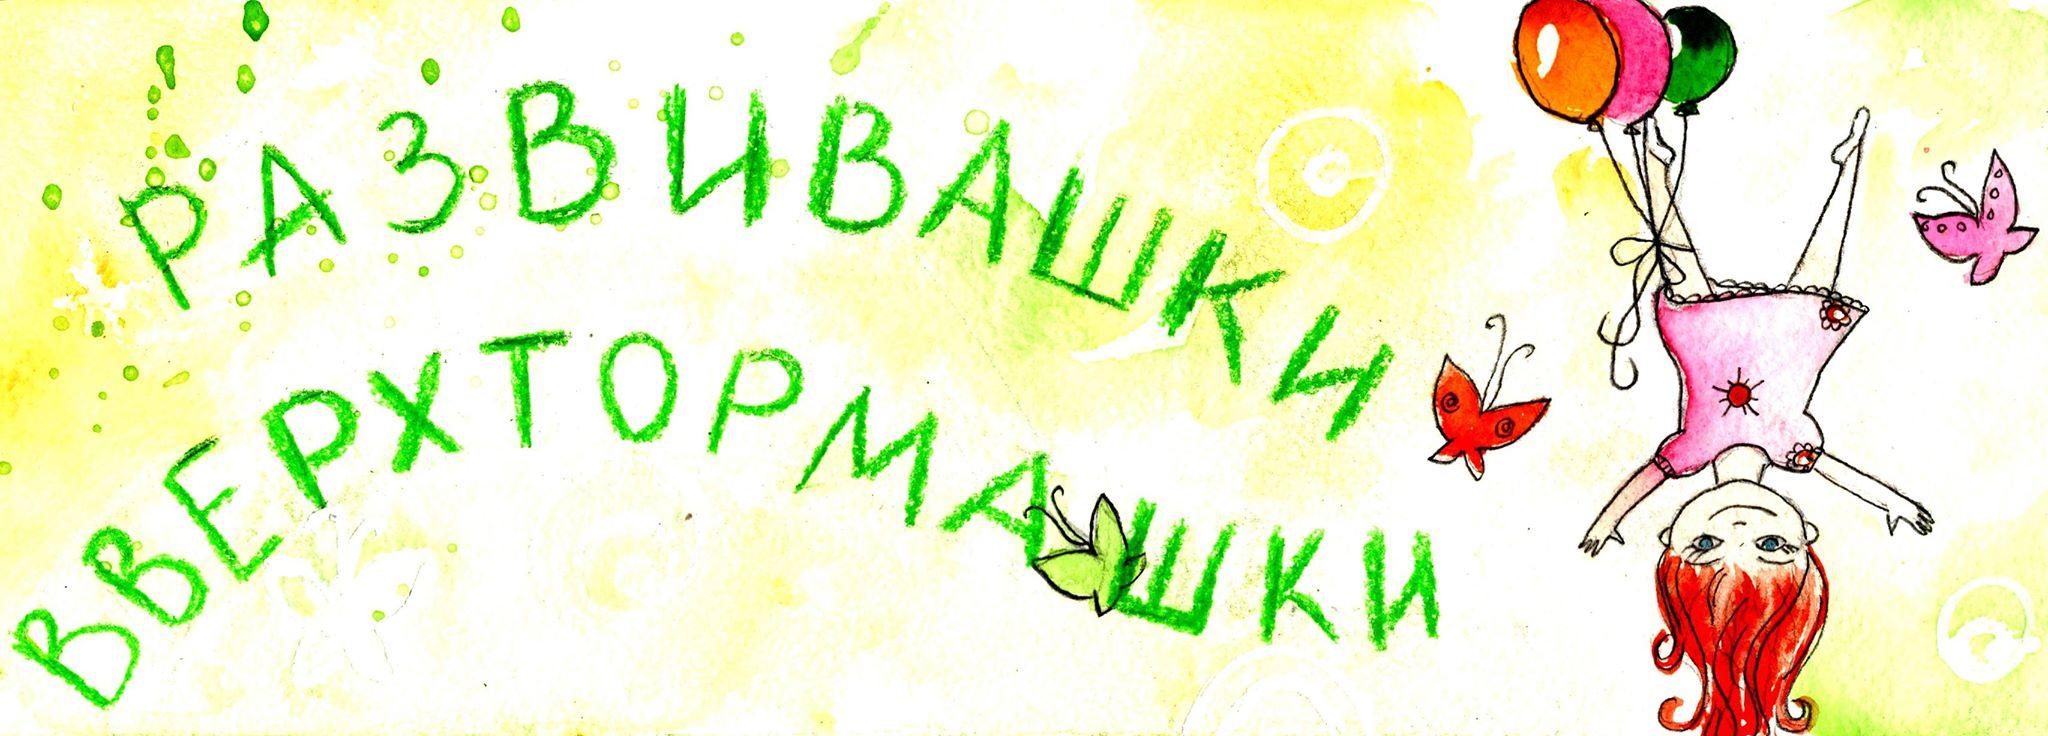 razvivashki1